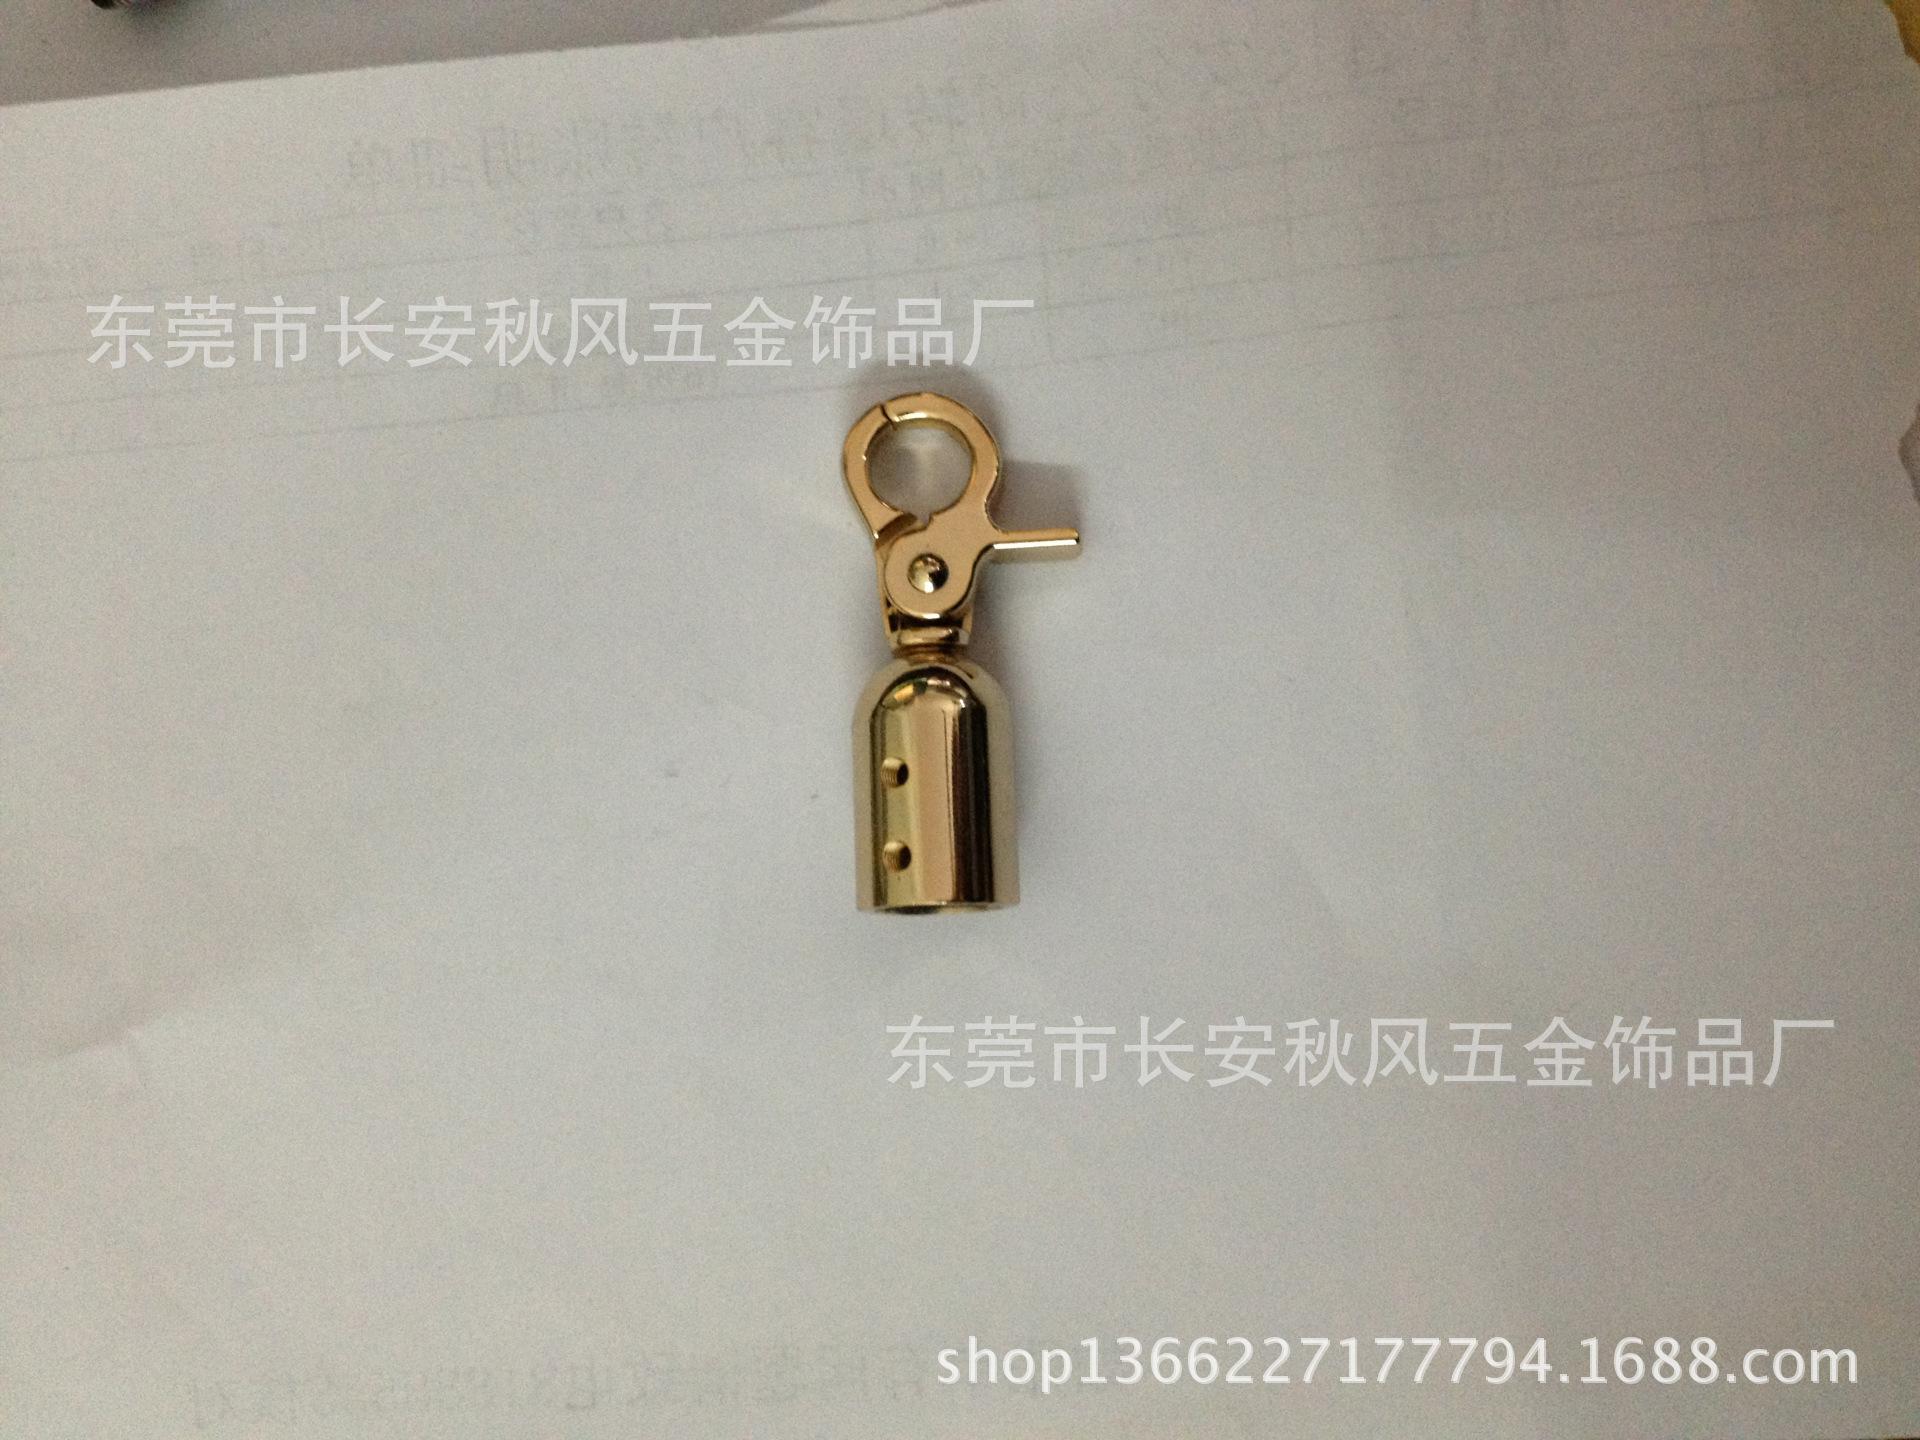 【v金属金属钥匙扣,狗扣】厂家__价格_参数泰国甜角图片